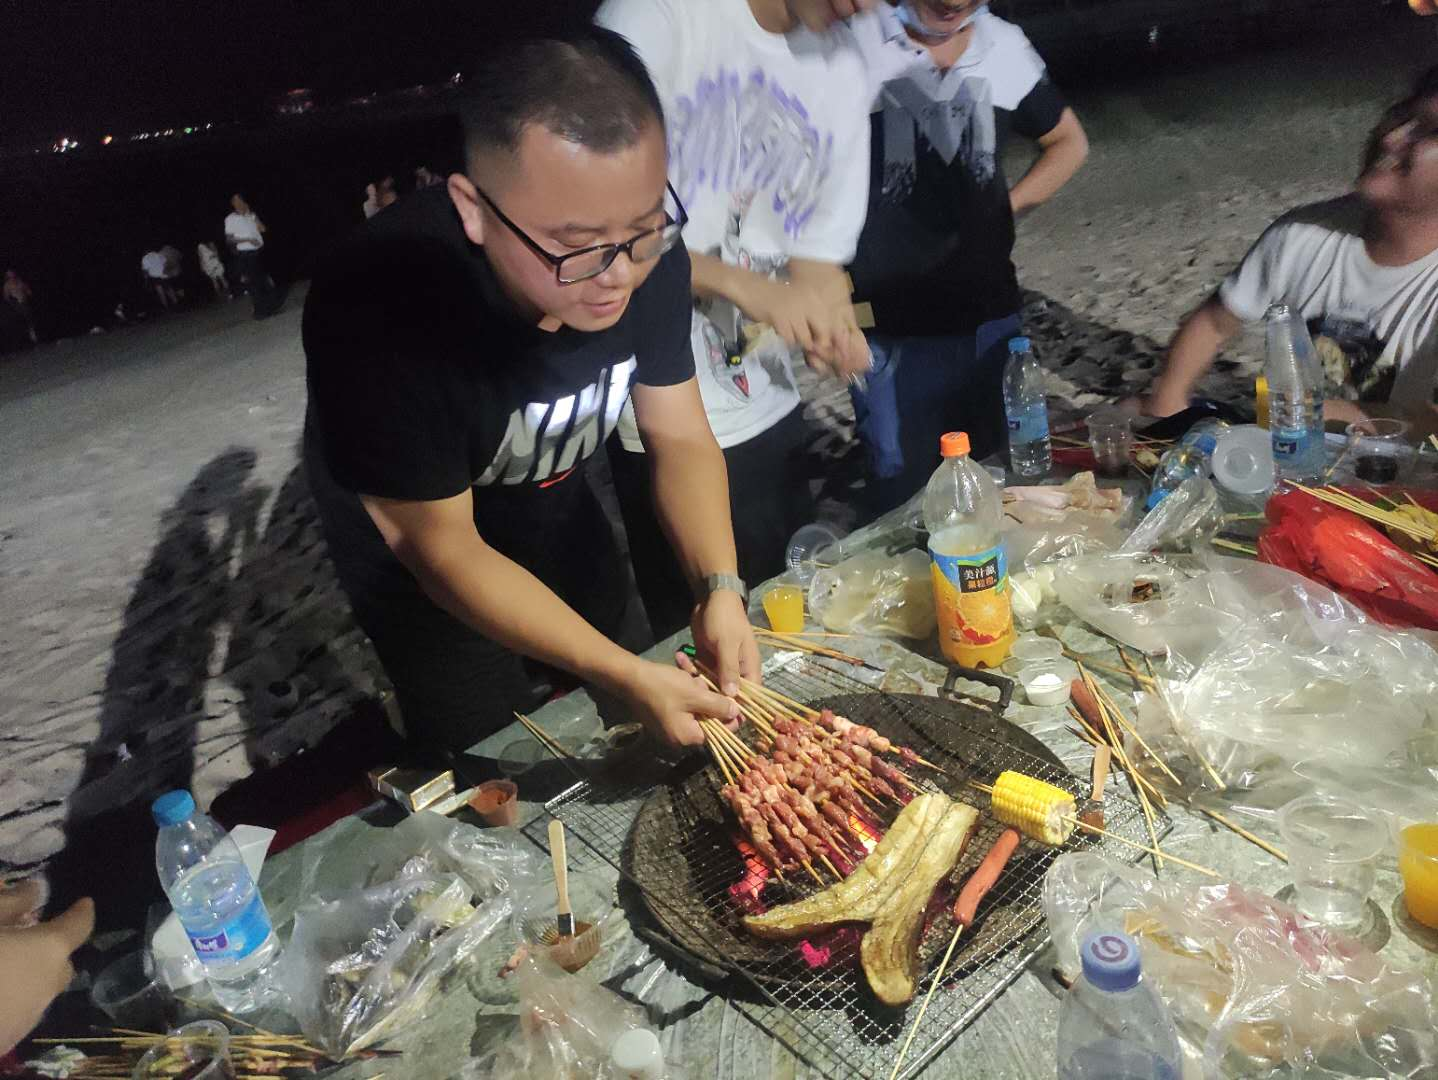 雄群数控惠州之旅圆满结束~亲切和谐大家庭,一起记录这美好时刻